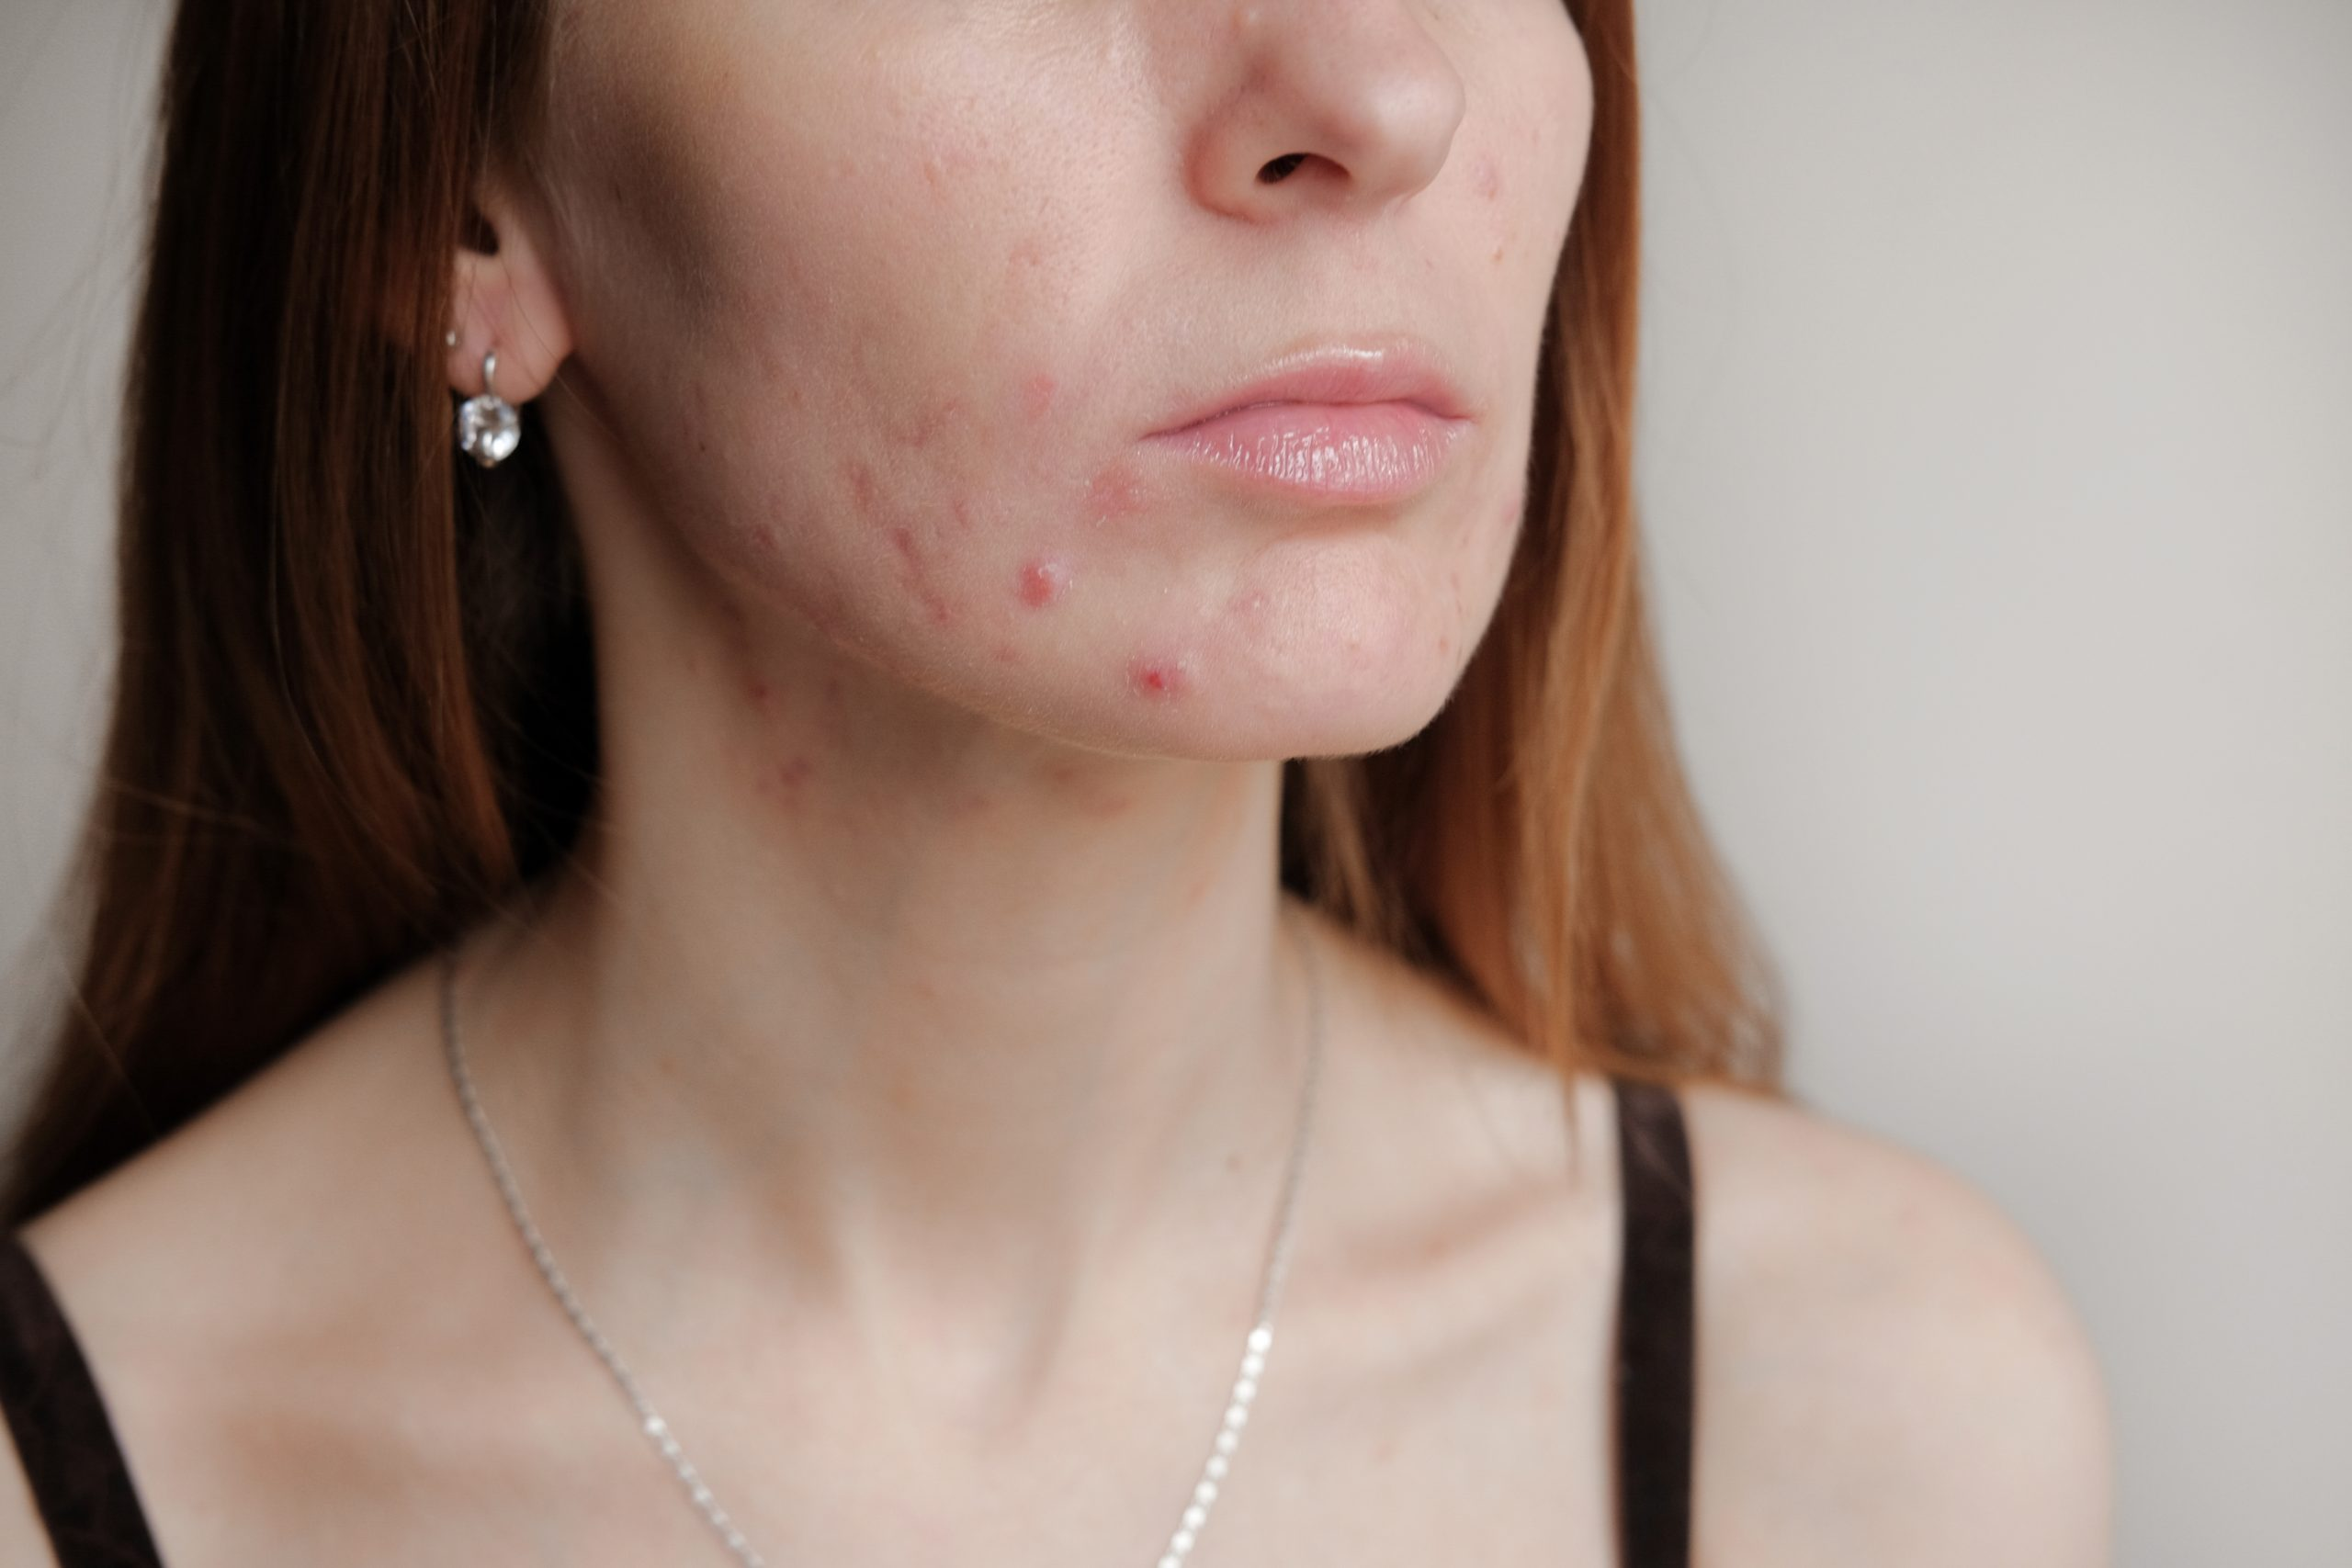 Máscara facial e espinhas: dermatologista explica a relação